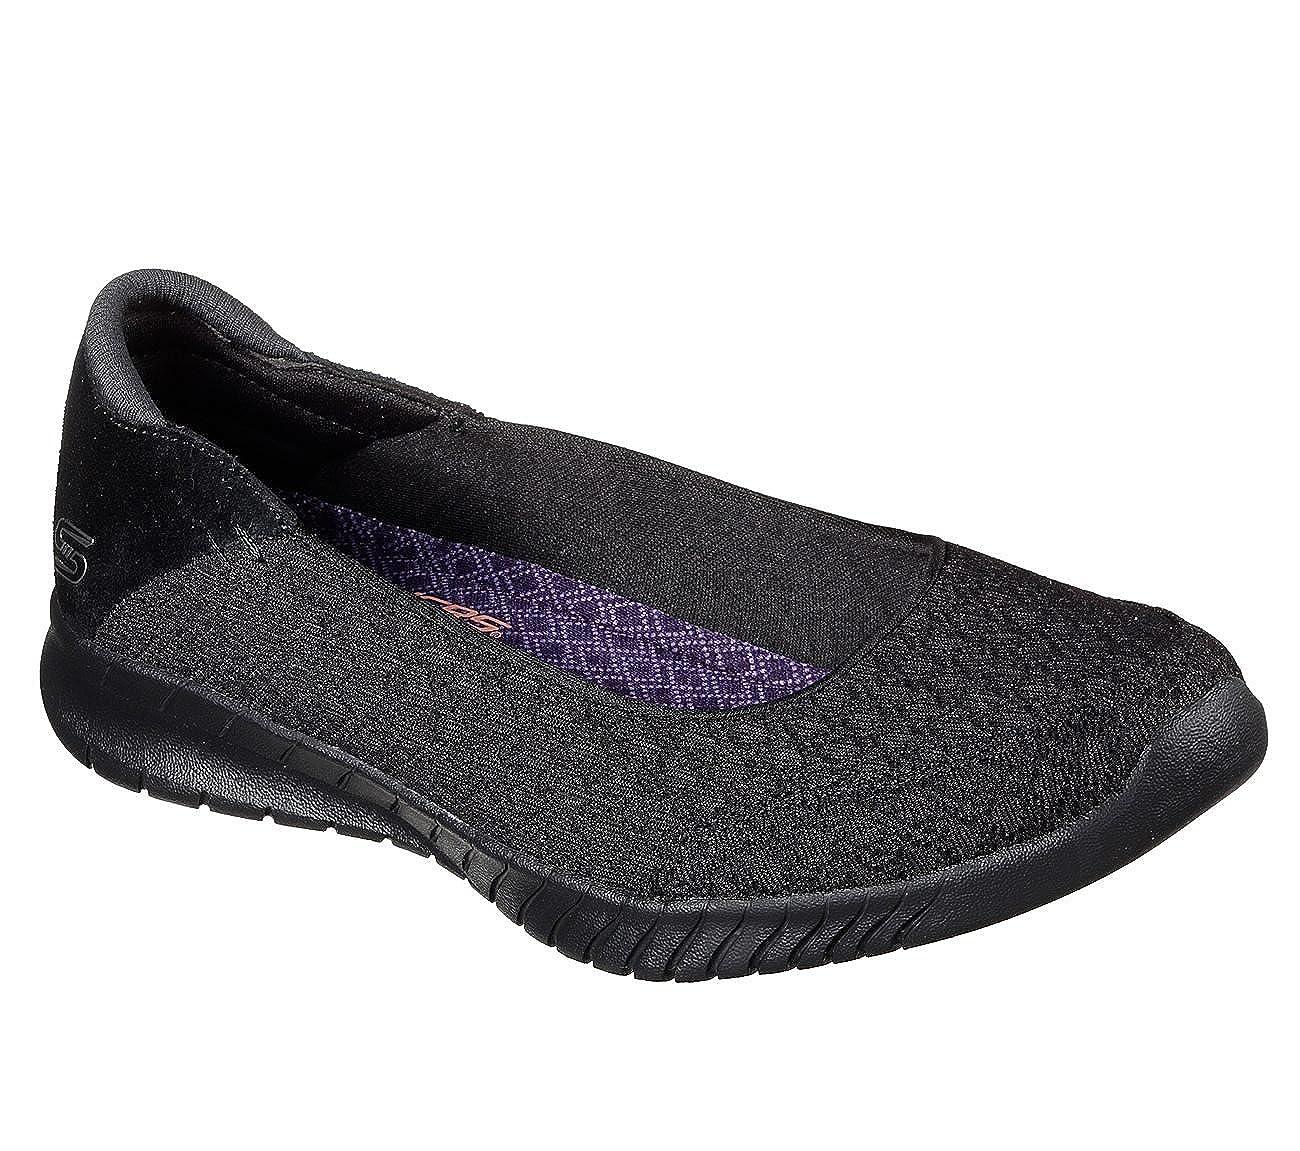 Gentiluomo   Signora Skechers Wave-Lite-Don't Mention It, scarpe da da da ginnastica Donna Prezzo speciale Ultima tecnologia Confine umano | Del Nuovo Di Stile  89d4dc